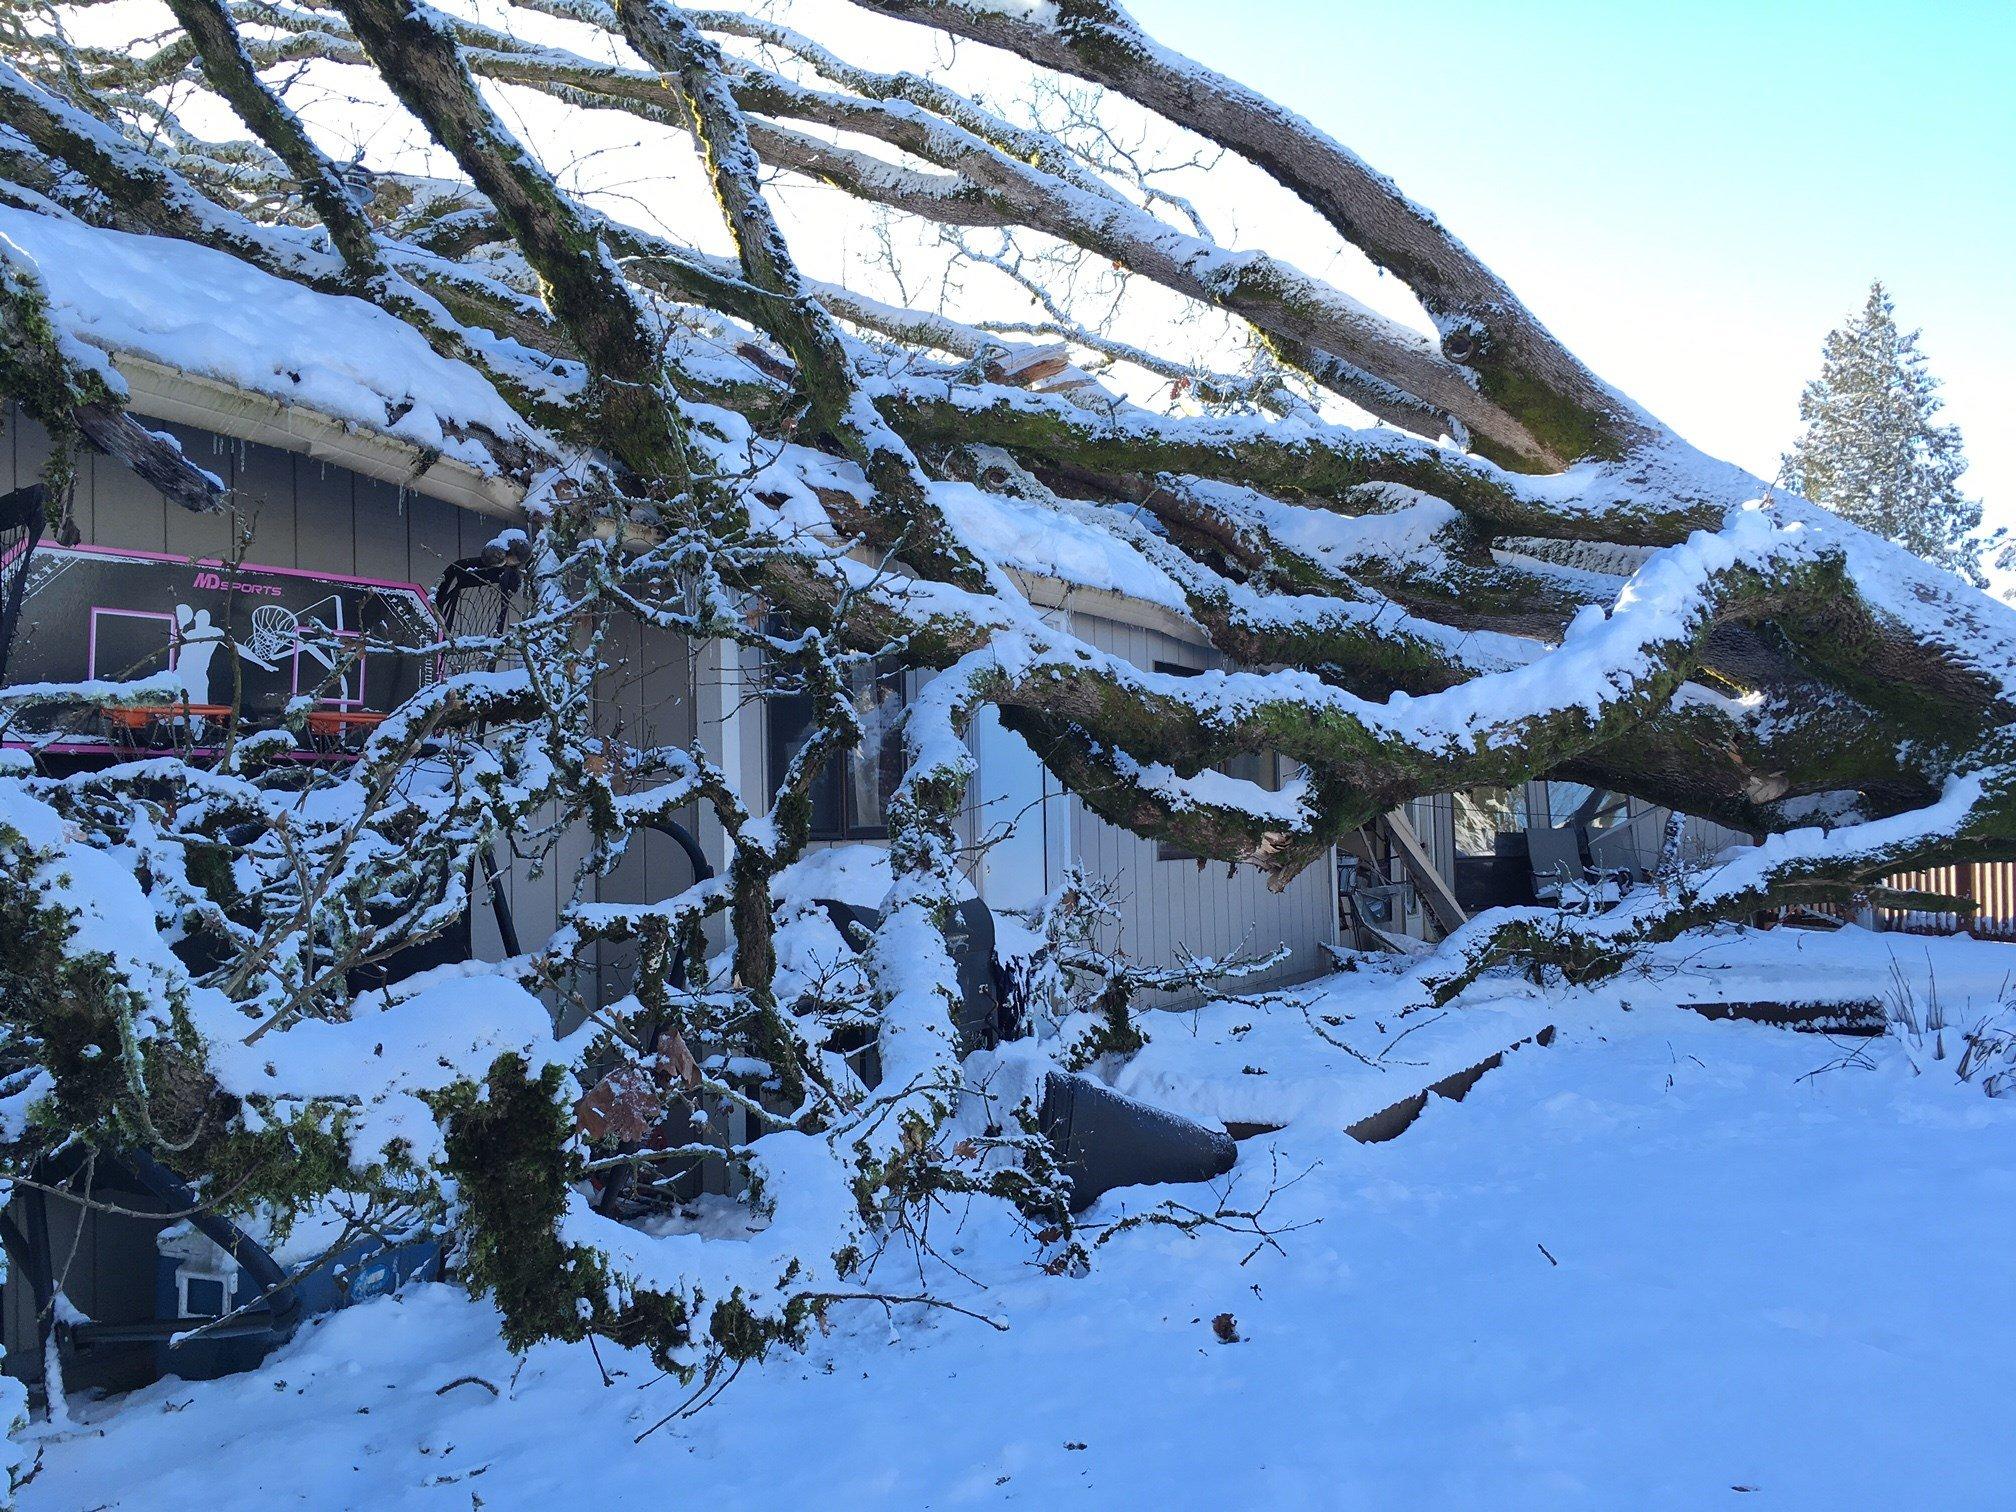 The oak tree that came crashing onto their home. (KPTV)